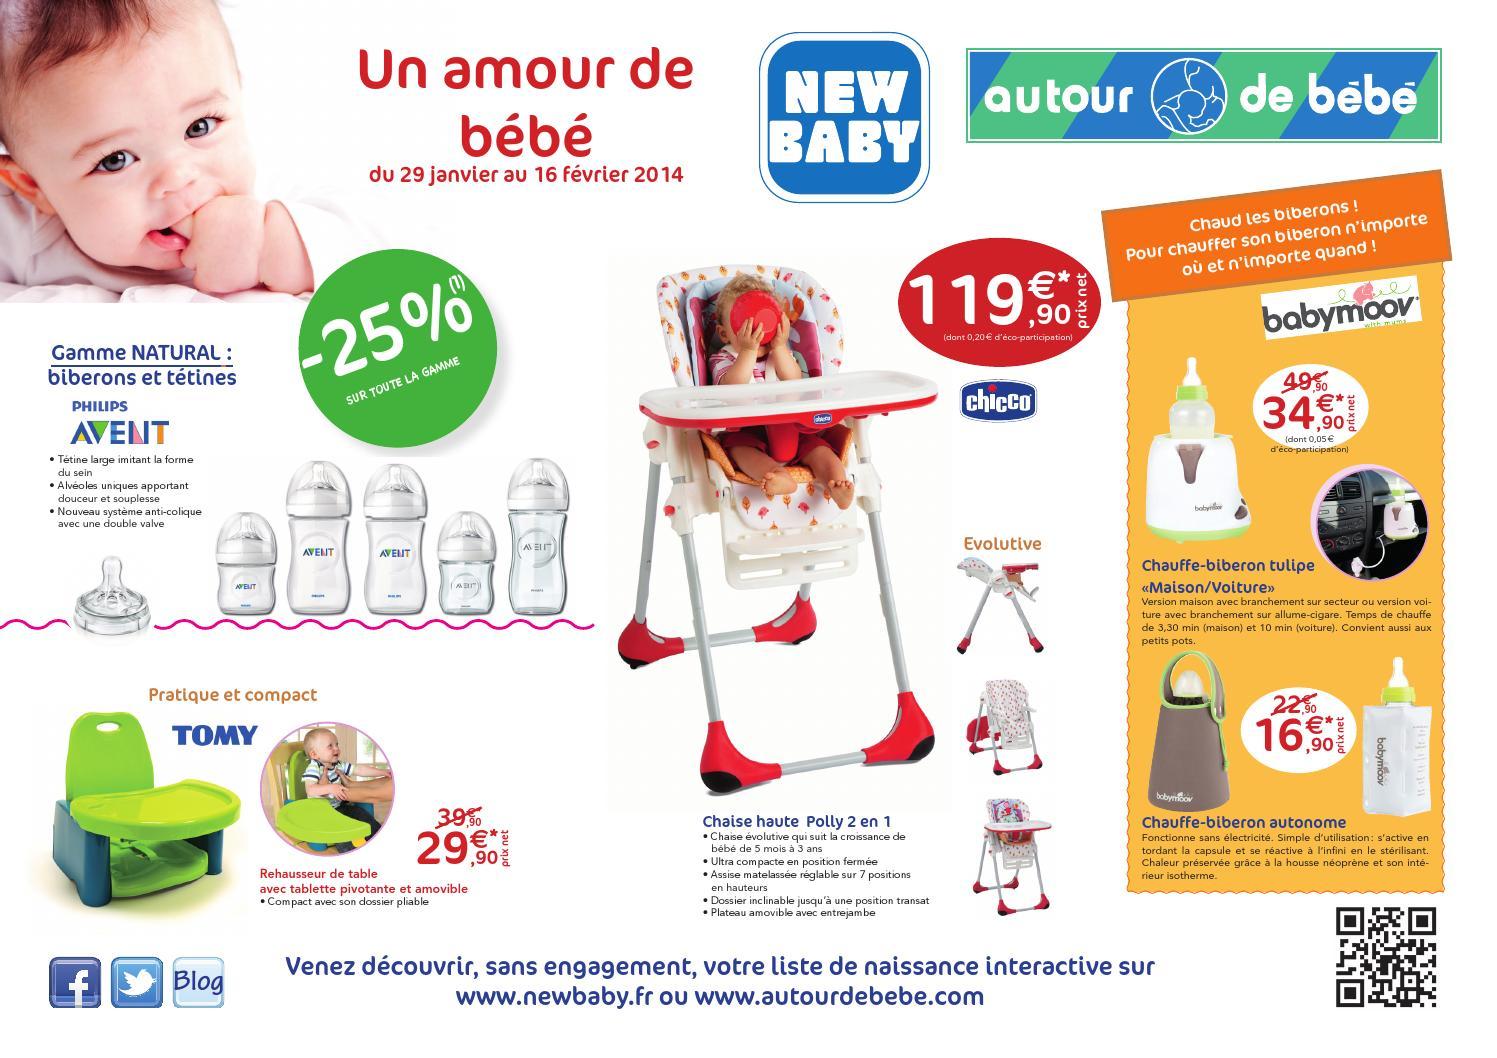 Catalogue autour de b b by joe monroe - Autour de bebe colmar houssen ...